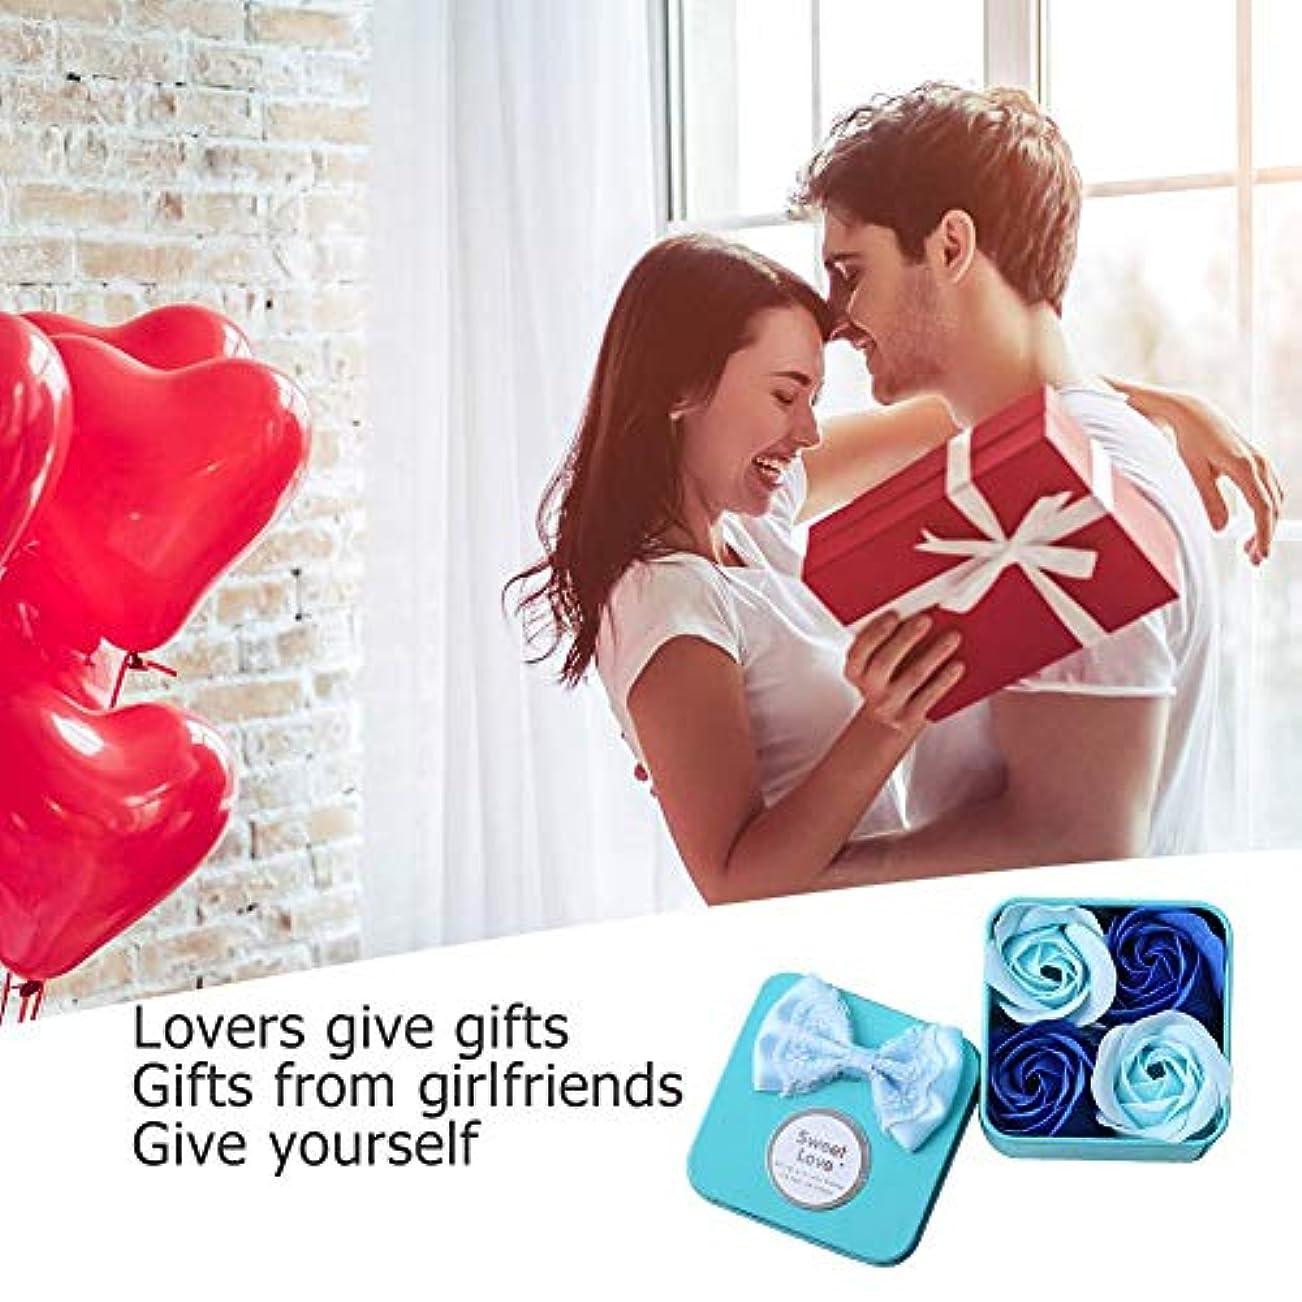 適合欲望ボアローズフラワー石鹸 香料入り 風呂 花びら石鹸 香り石鹸 バレンタインデーギフト 4個/ボックス 手作り 母の日 誕生日プレゼント 贈り物 お祝い Amiu